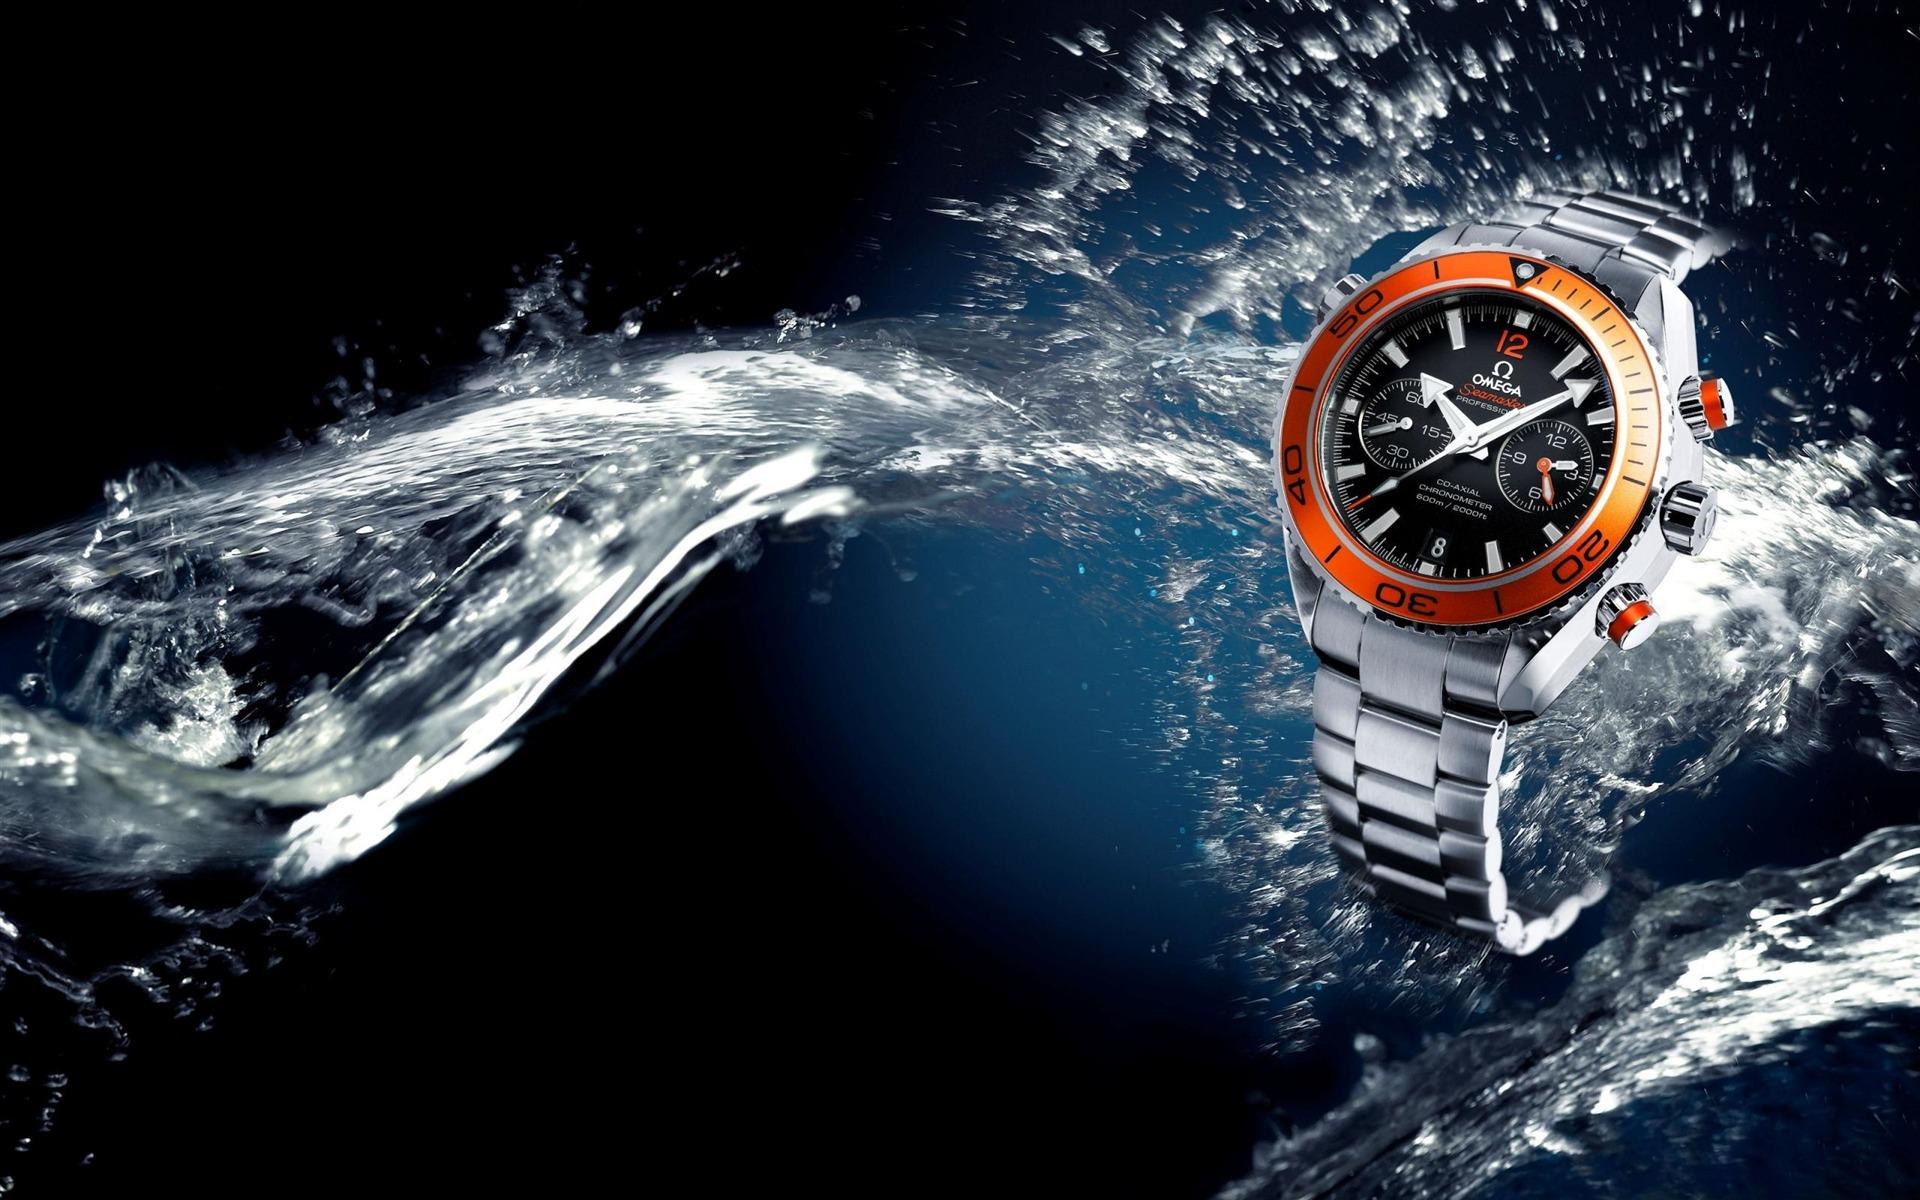 時計オメガシーマスター水 ファッション時計壁紙プレビュー 10wallpaper Com